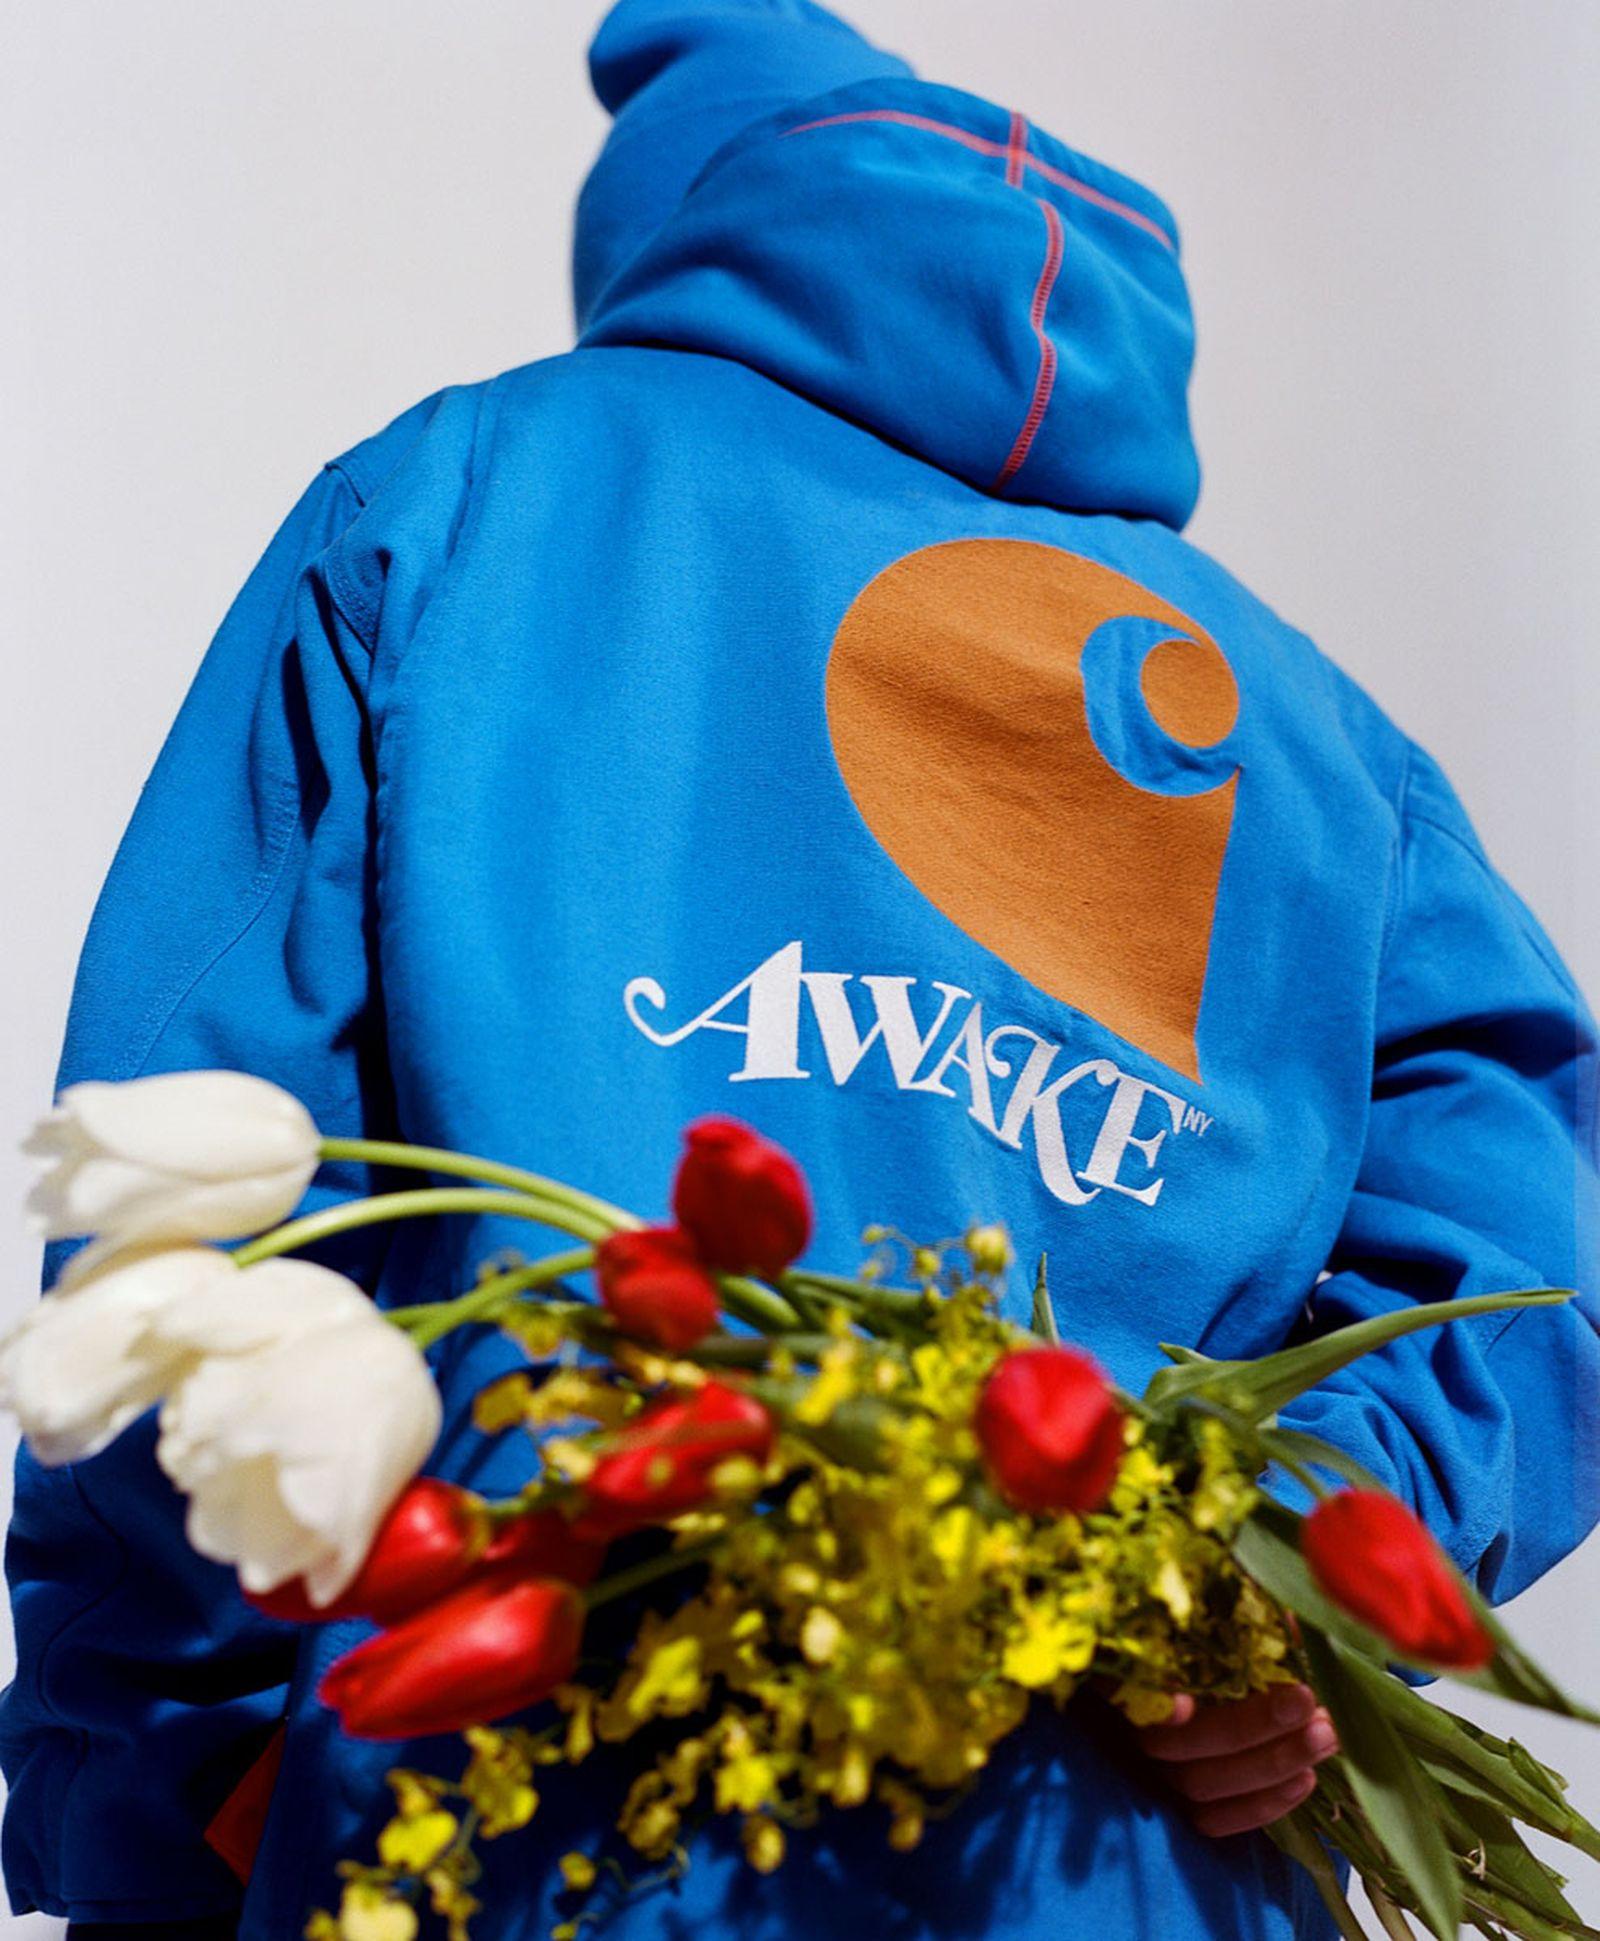 Carhartt WIP x Awake NY SS20 collection